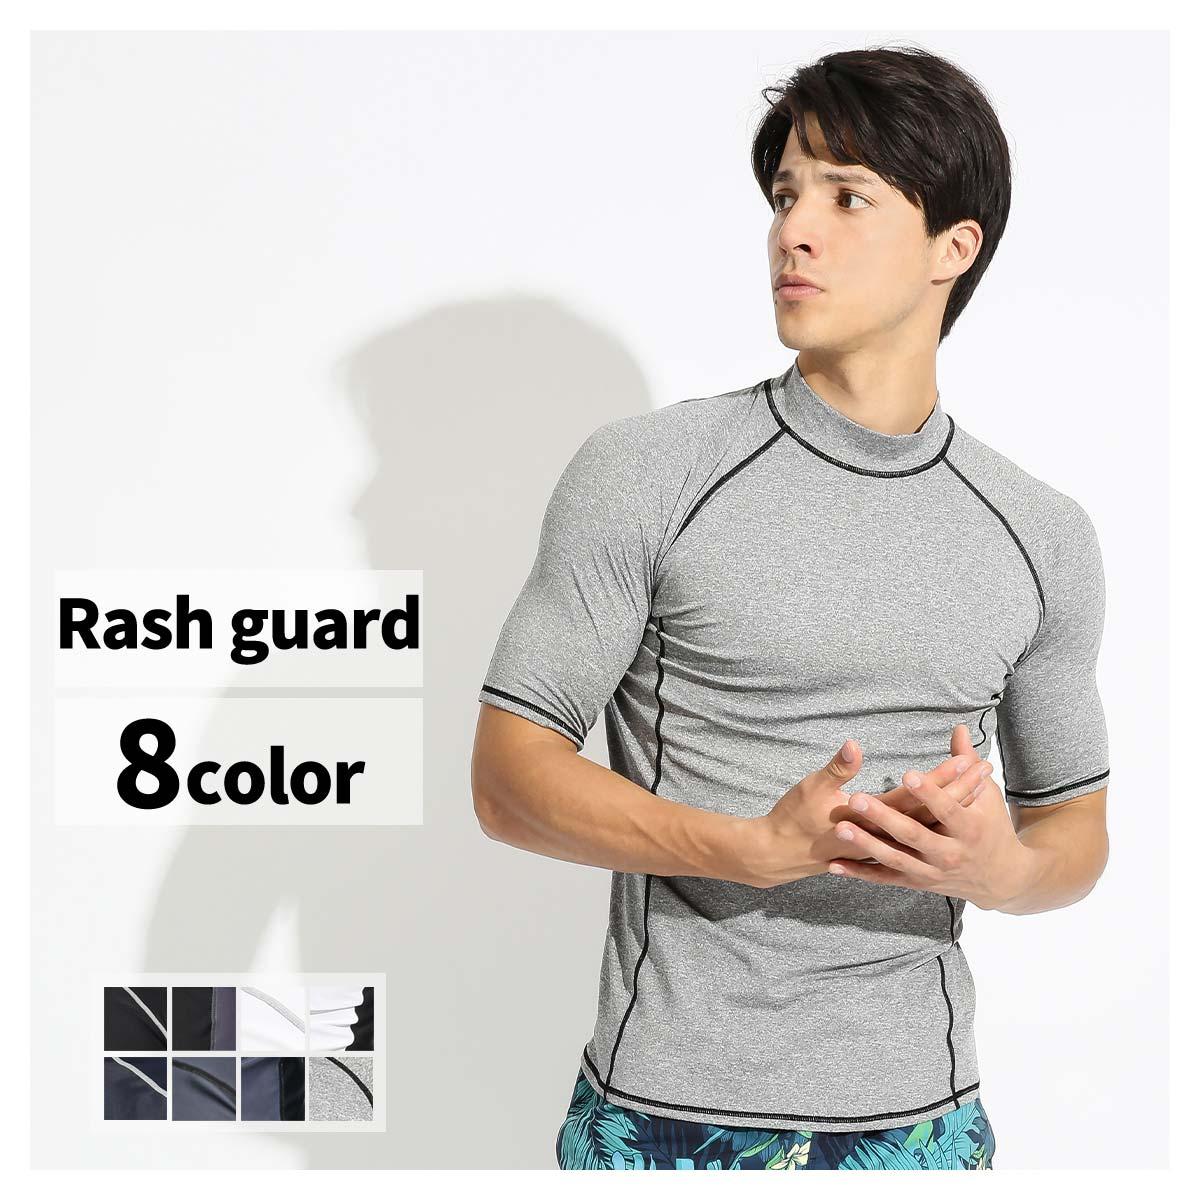 ファスナーポケット付き UPF50 UVカット ラッシュガード メンズ 半袖 Tシャツ 水着 送料無料 限定特価 スイムウェア アウトドア 紫外線対策 UPF50+ フィットネス ロングスリーブ 大きいサイズ 水陸両用 マリンスポーツ